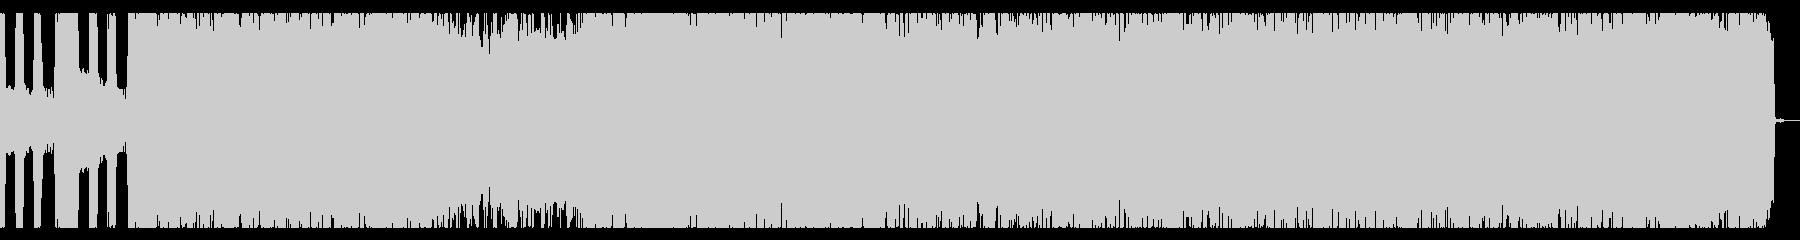 ツーバスが炸裂する激しいスラッシュメタルの未再生の波形